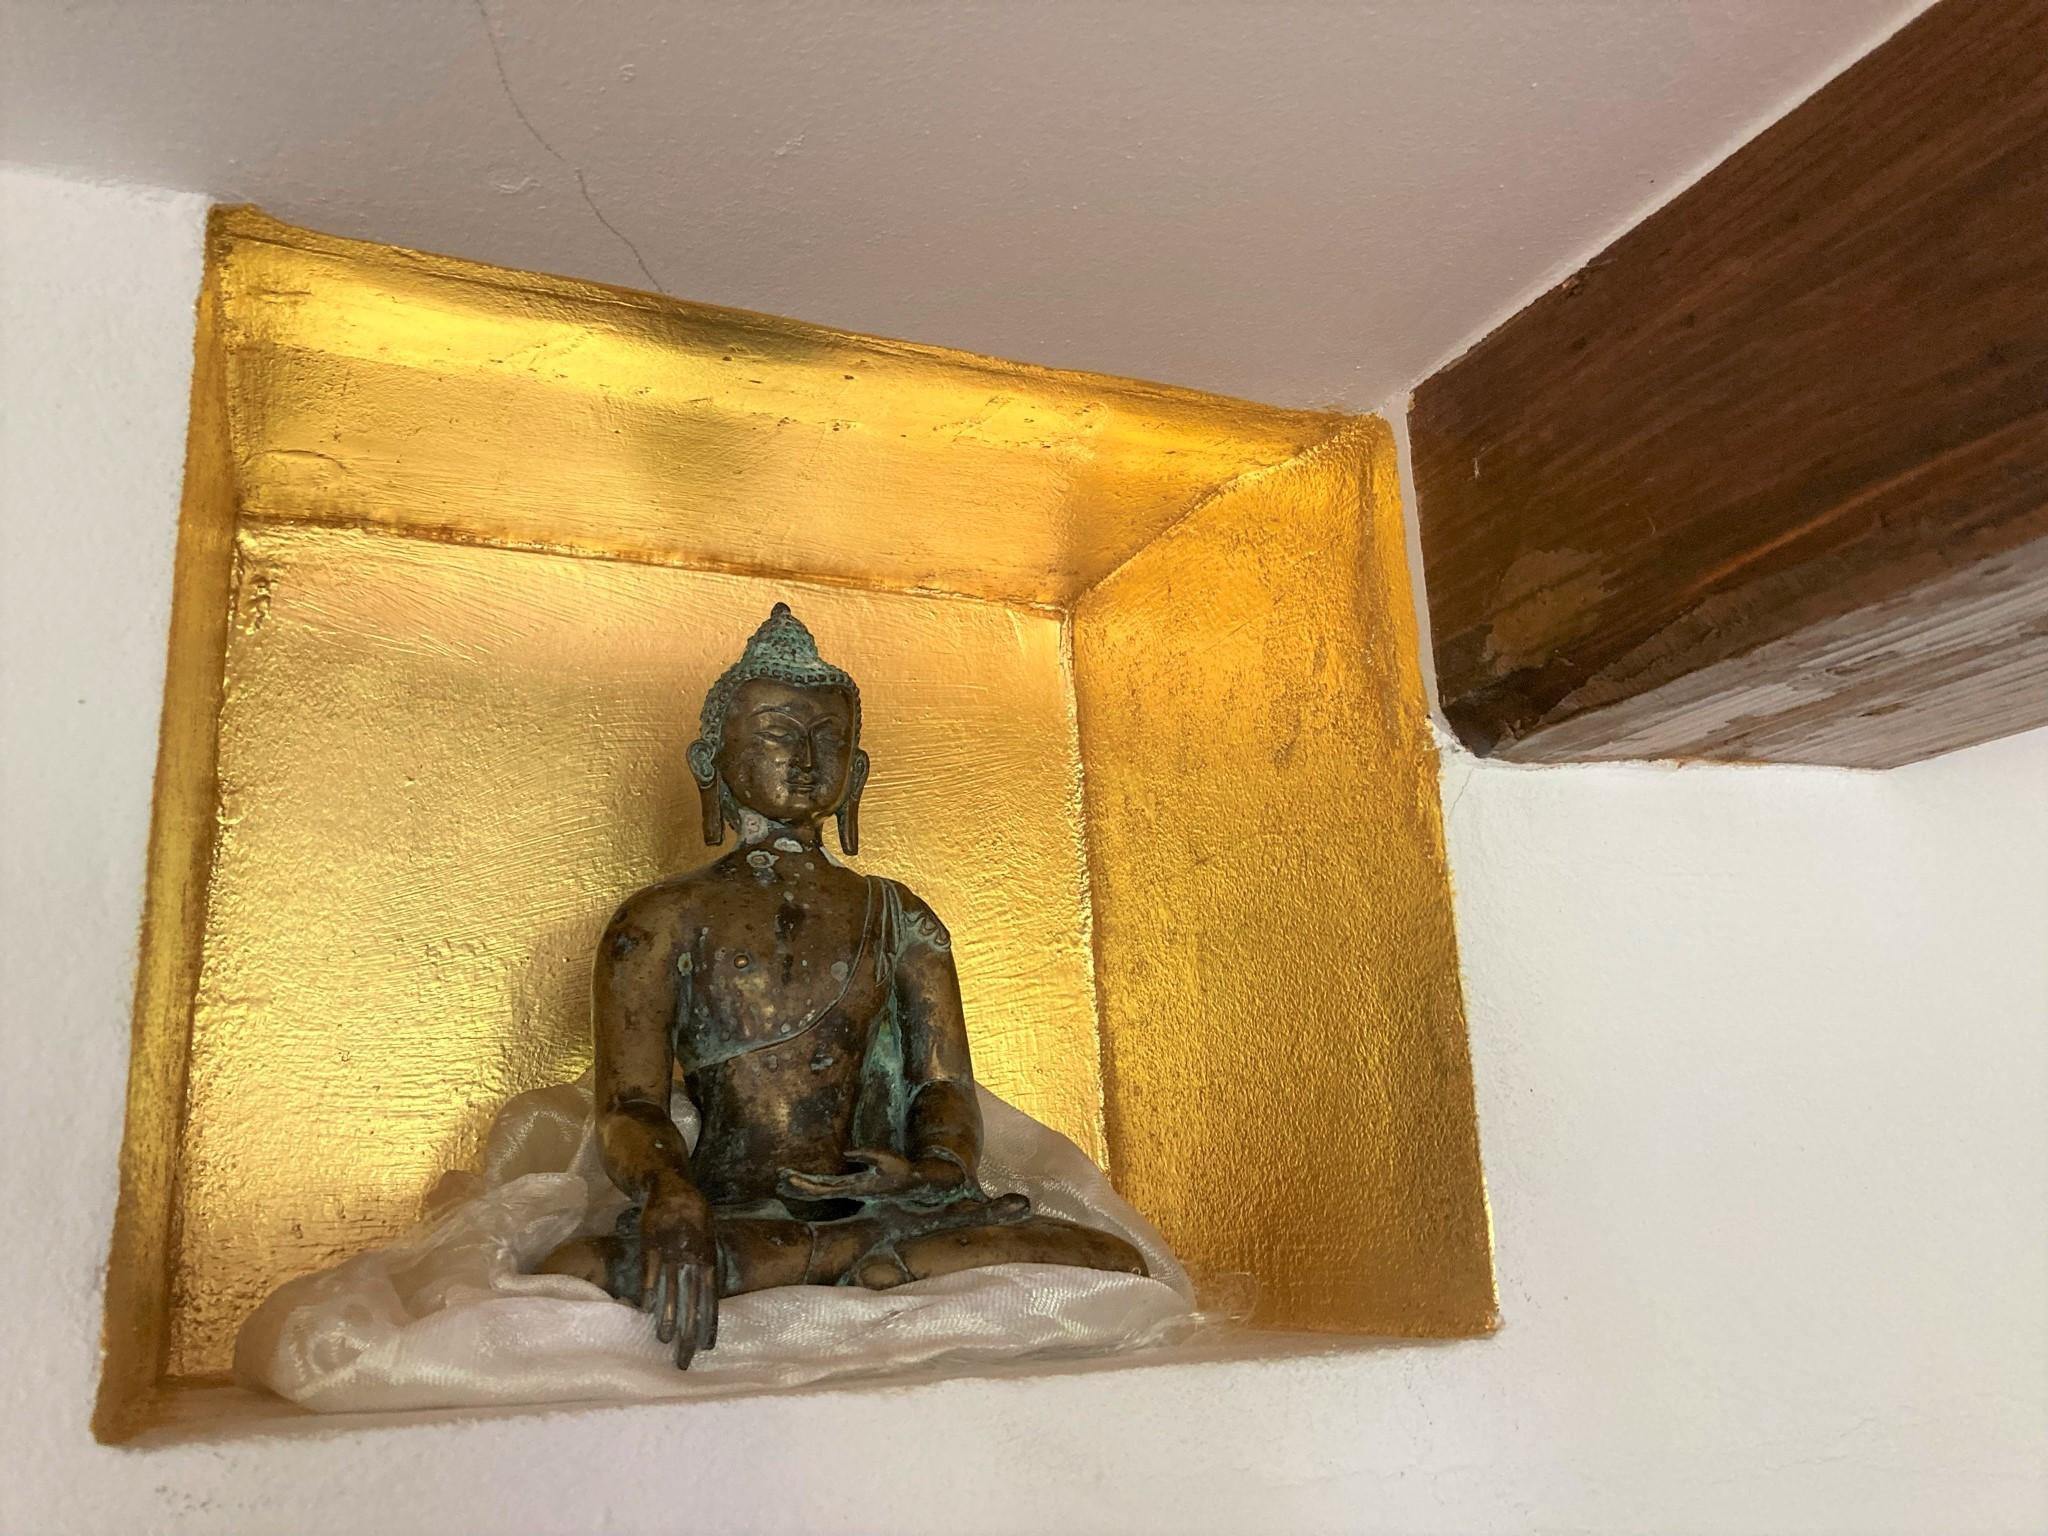 Vergoldete Nische mit Buddha-Figur